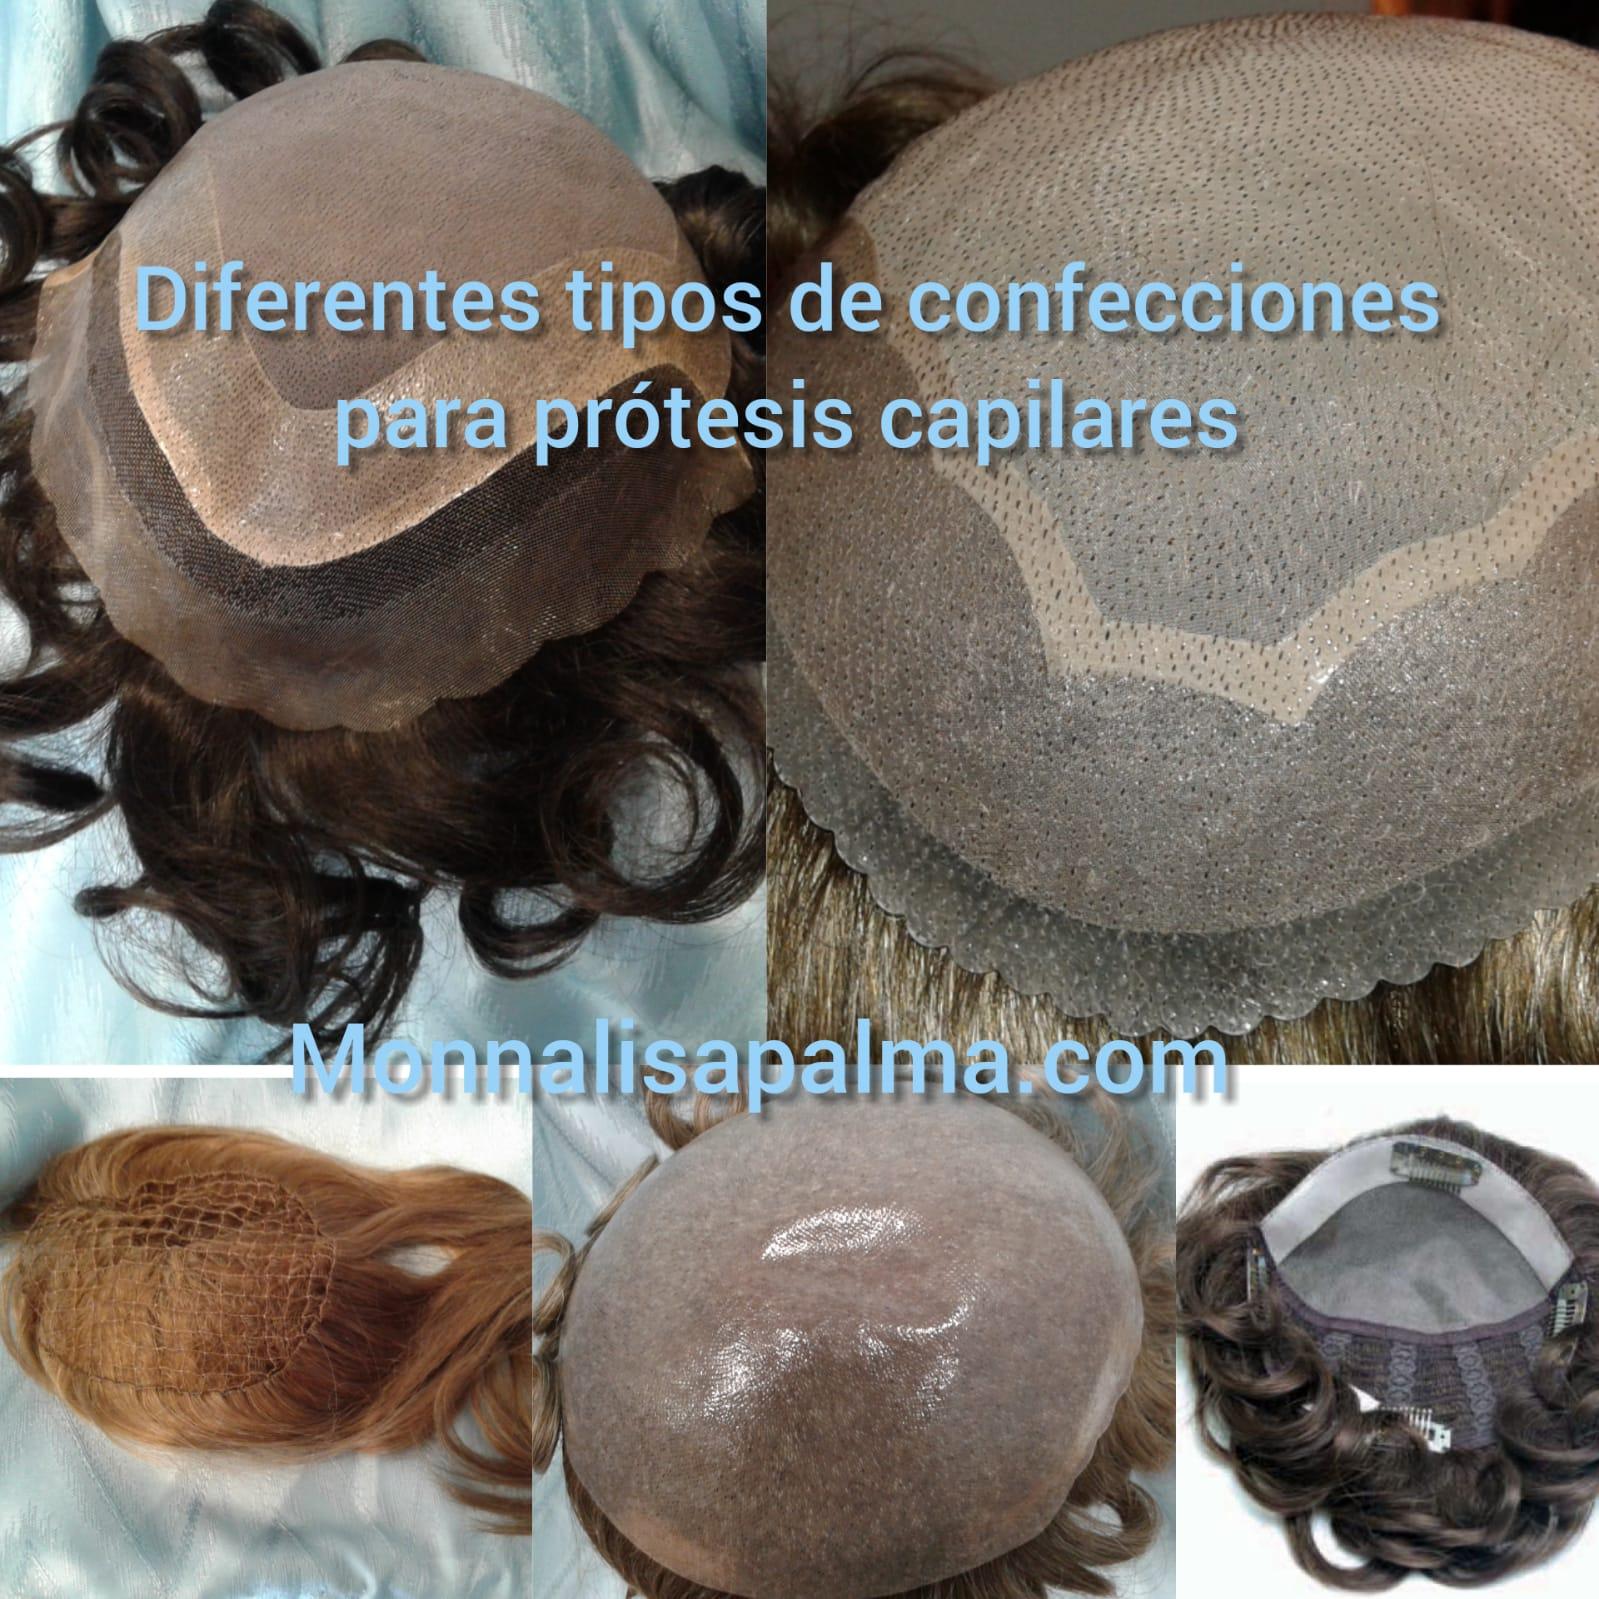 DIFERENTES-TIPOS-DE-CONFECCIONES-DE-PROTESIS-CAPILAR